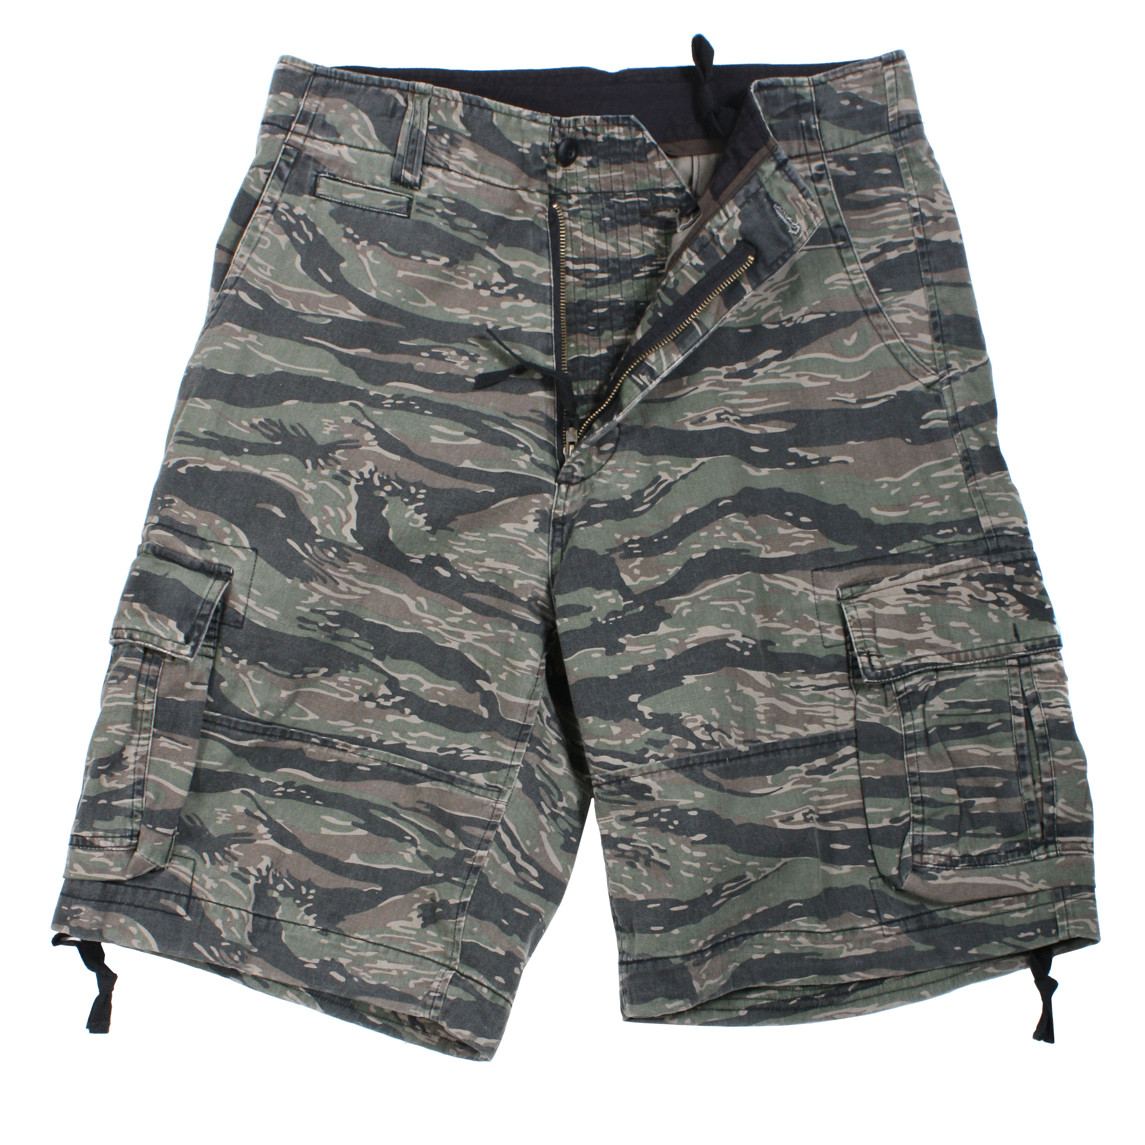 fdb2094319 Shop Vintage Infantry Tiger Stripe Camo Fatigue Shorts - Fatigues Army Navy  Gear